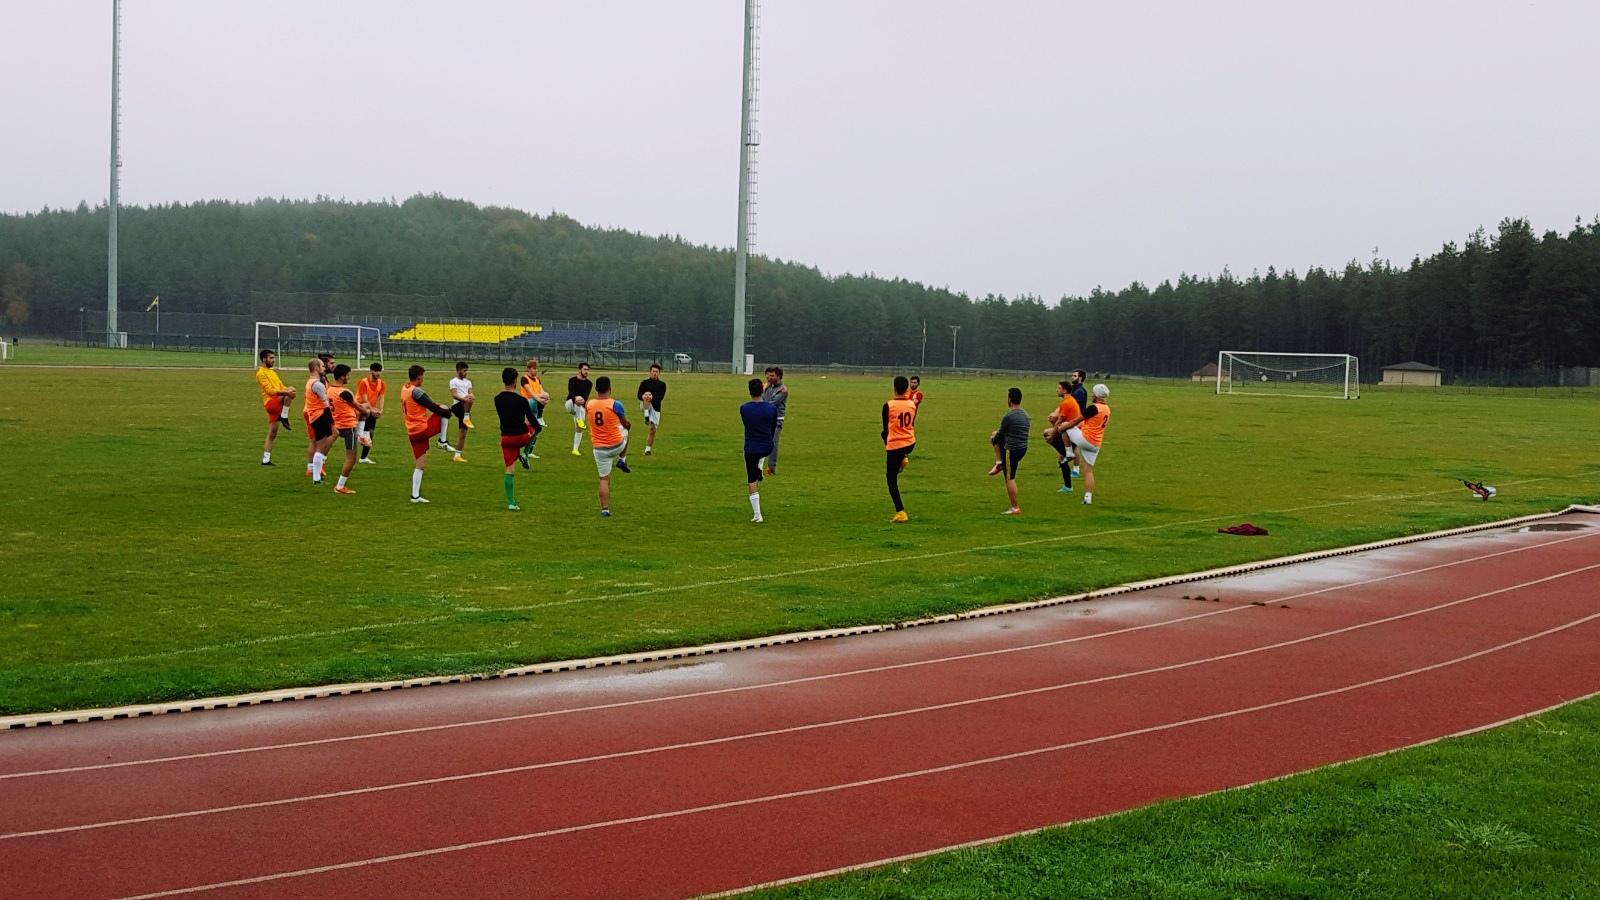 53.Altyapı Kategorisi Futbolcu Deneme Kampı 20-21 Ağustos 2019 (2000-2001-2002)